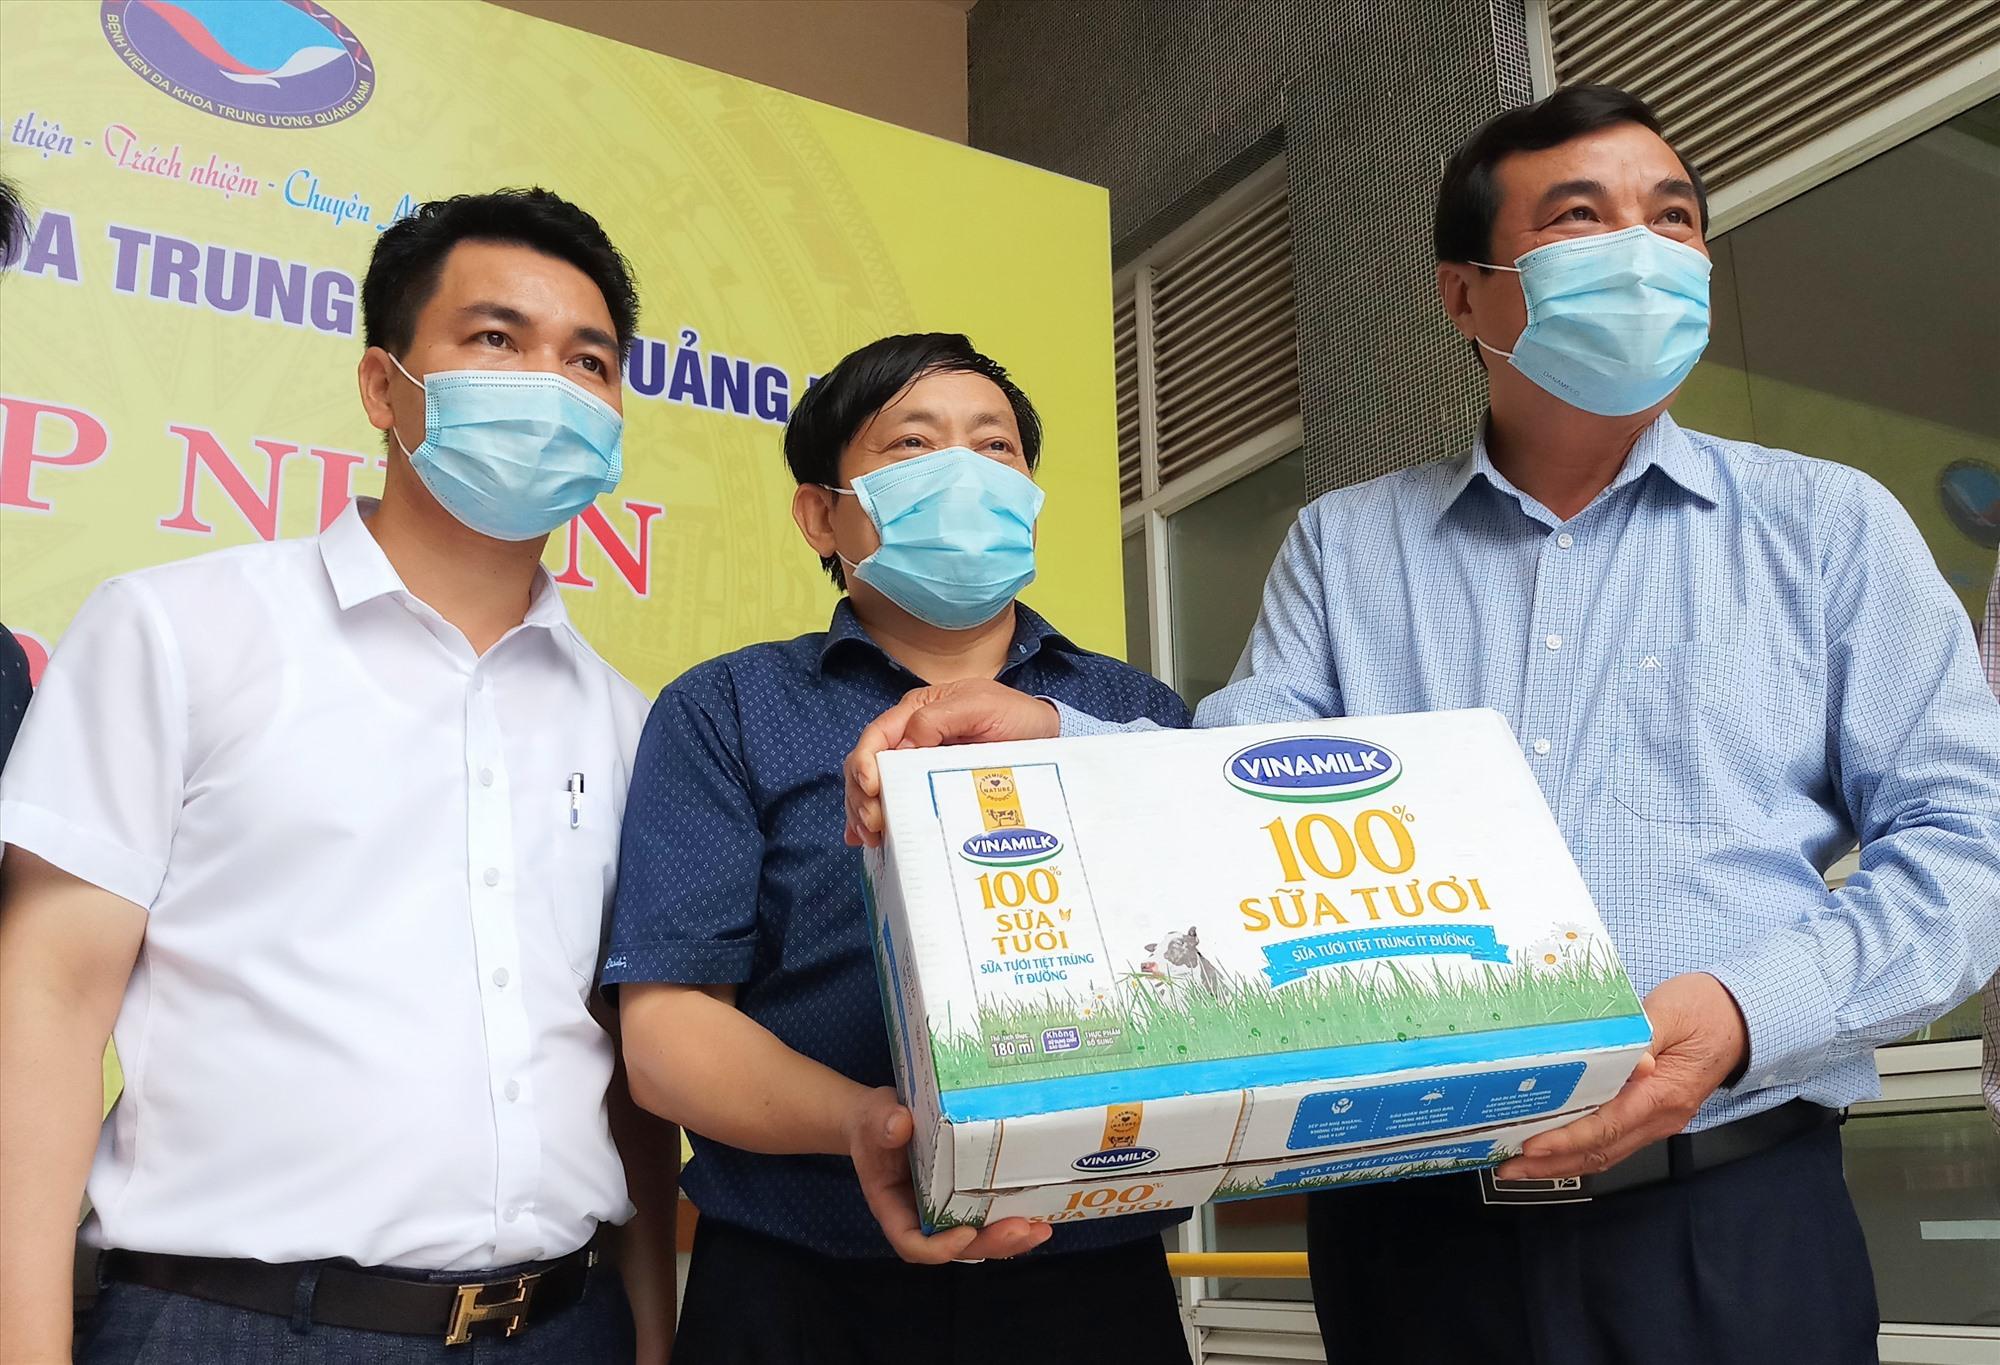 Dịp này, Bí thư Tỉnh ủy cũng gửi tặng 30 thùng sữa tươi, chia sẻ với bệnh viện trong việc phục vụ công tác phòng chống dịch bệnh. Ảnh: A.N